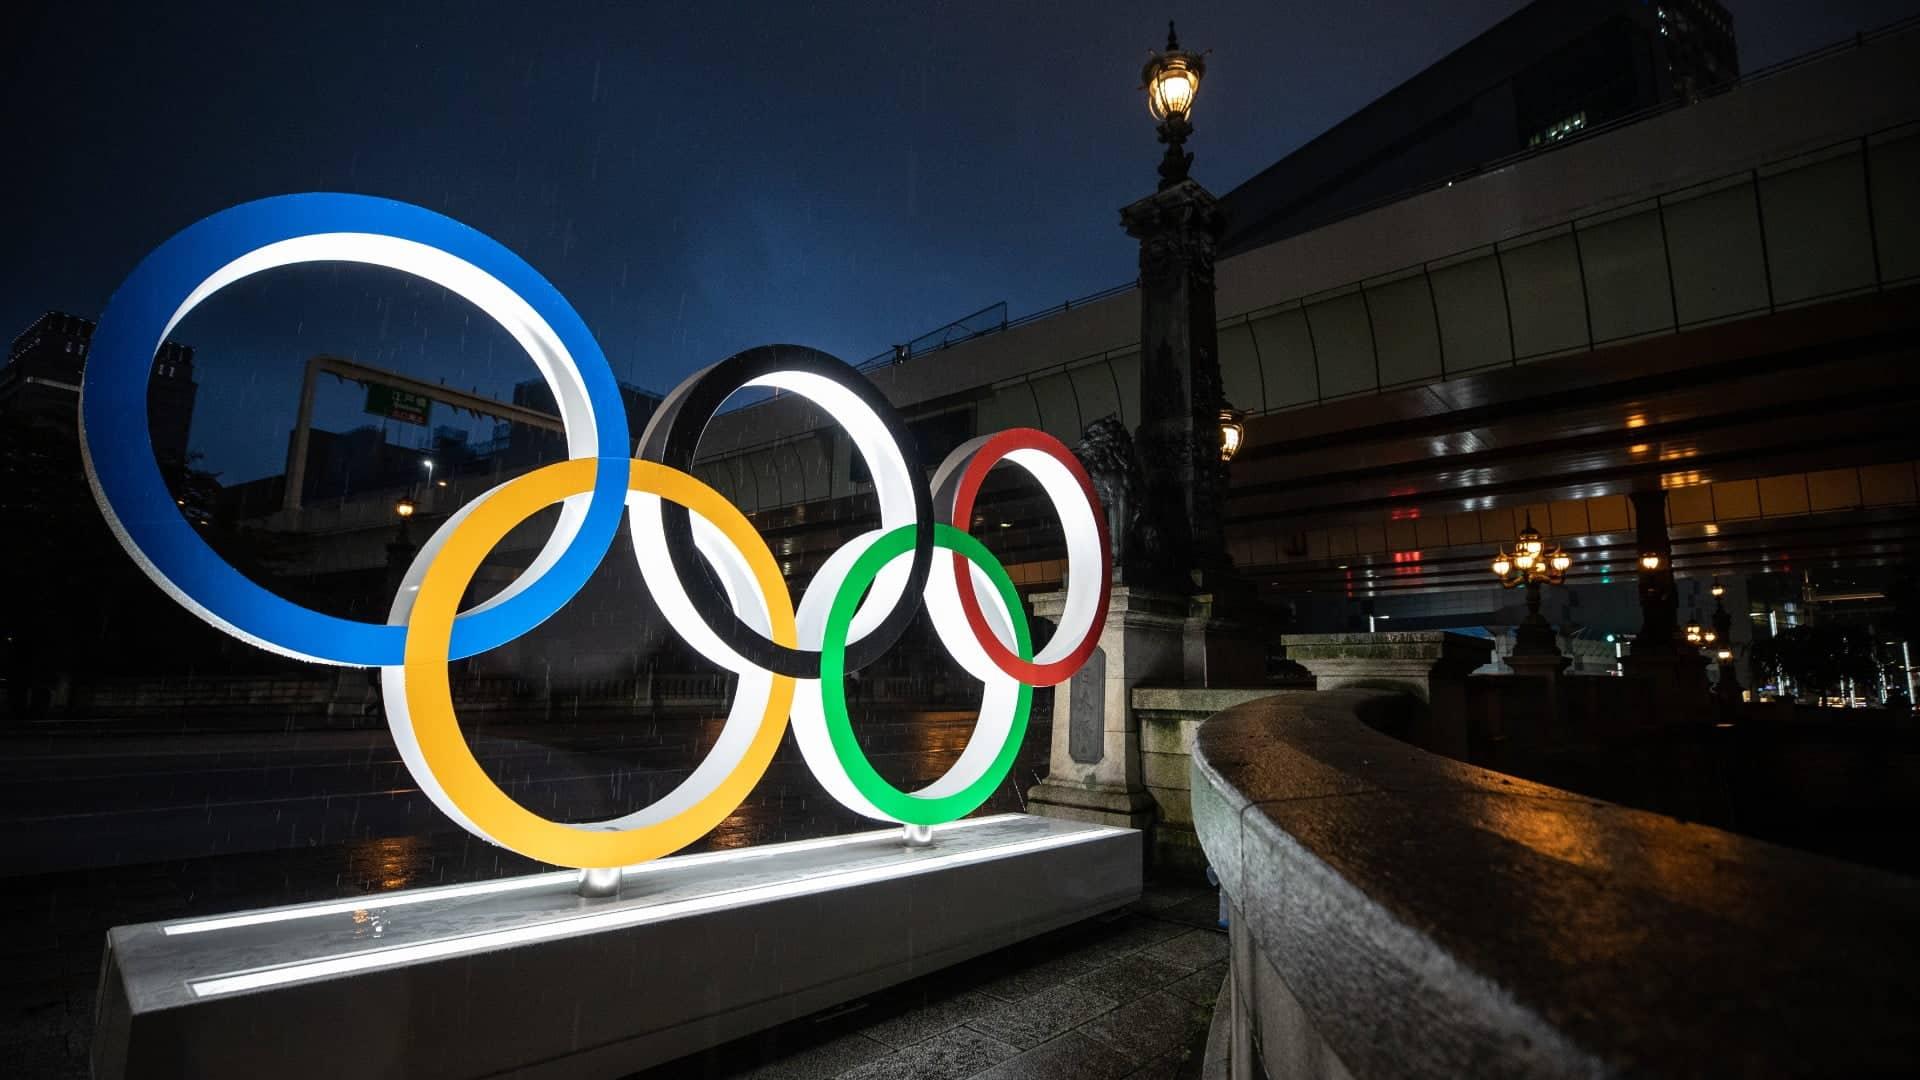 Resultados de natacion de los Juegos Olimpicos ganadores de medallas